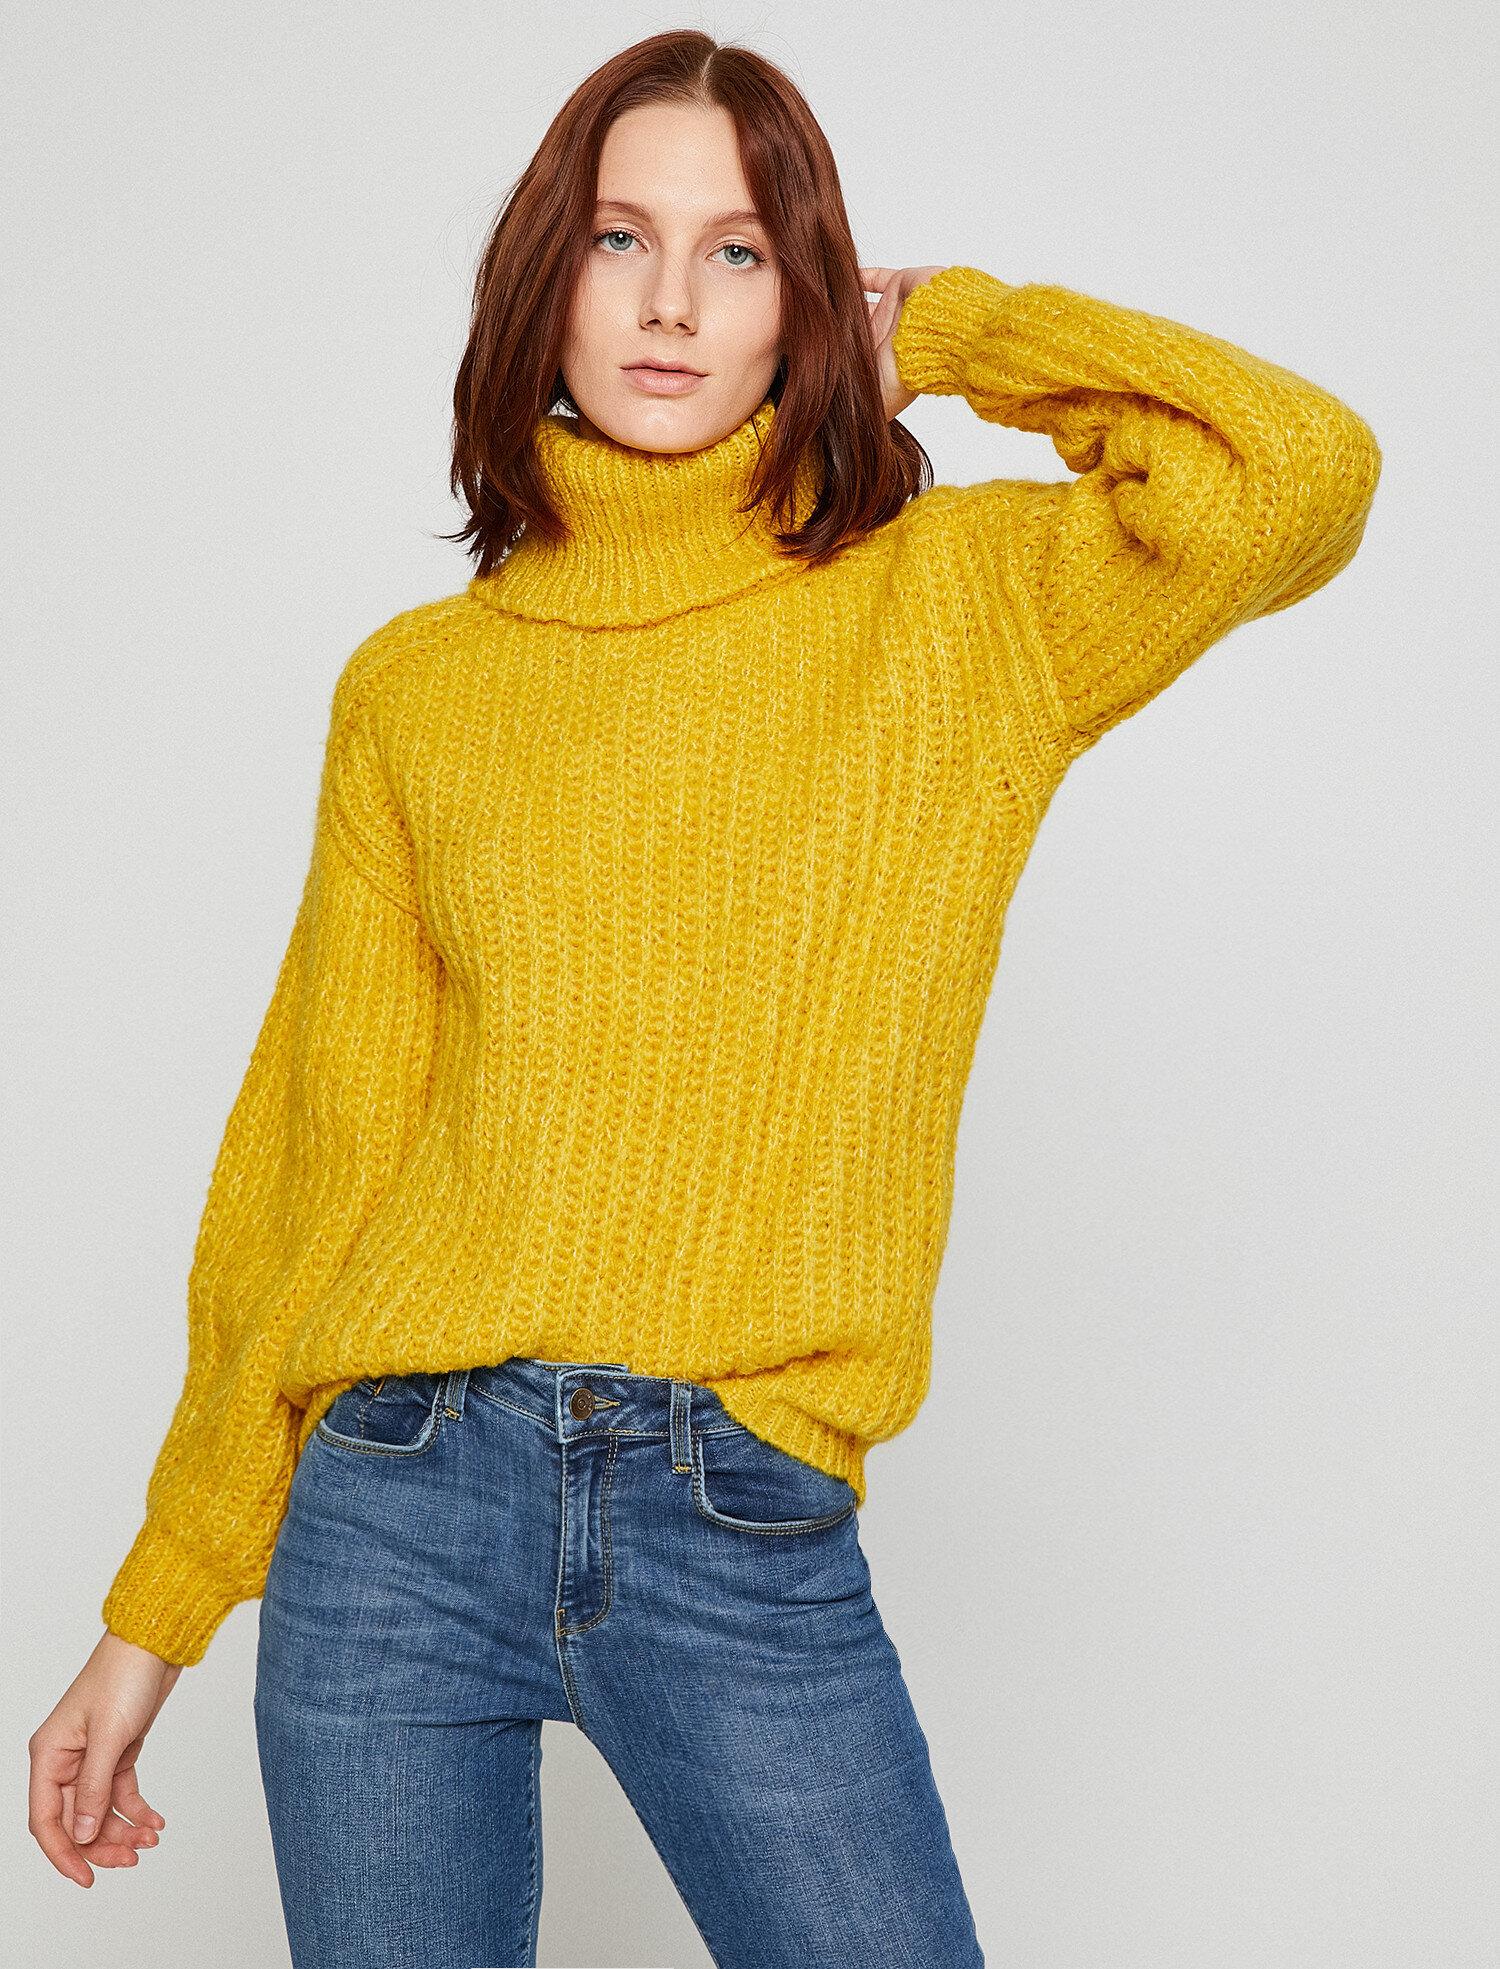 a6ba8a675e897b Mustard Women Knitted Jumper 8KAK92931HT159 | Koton